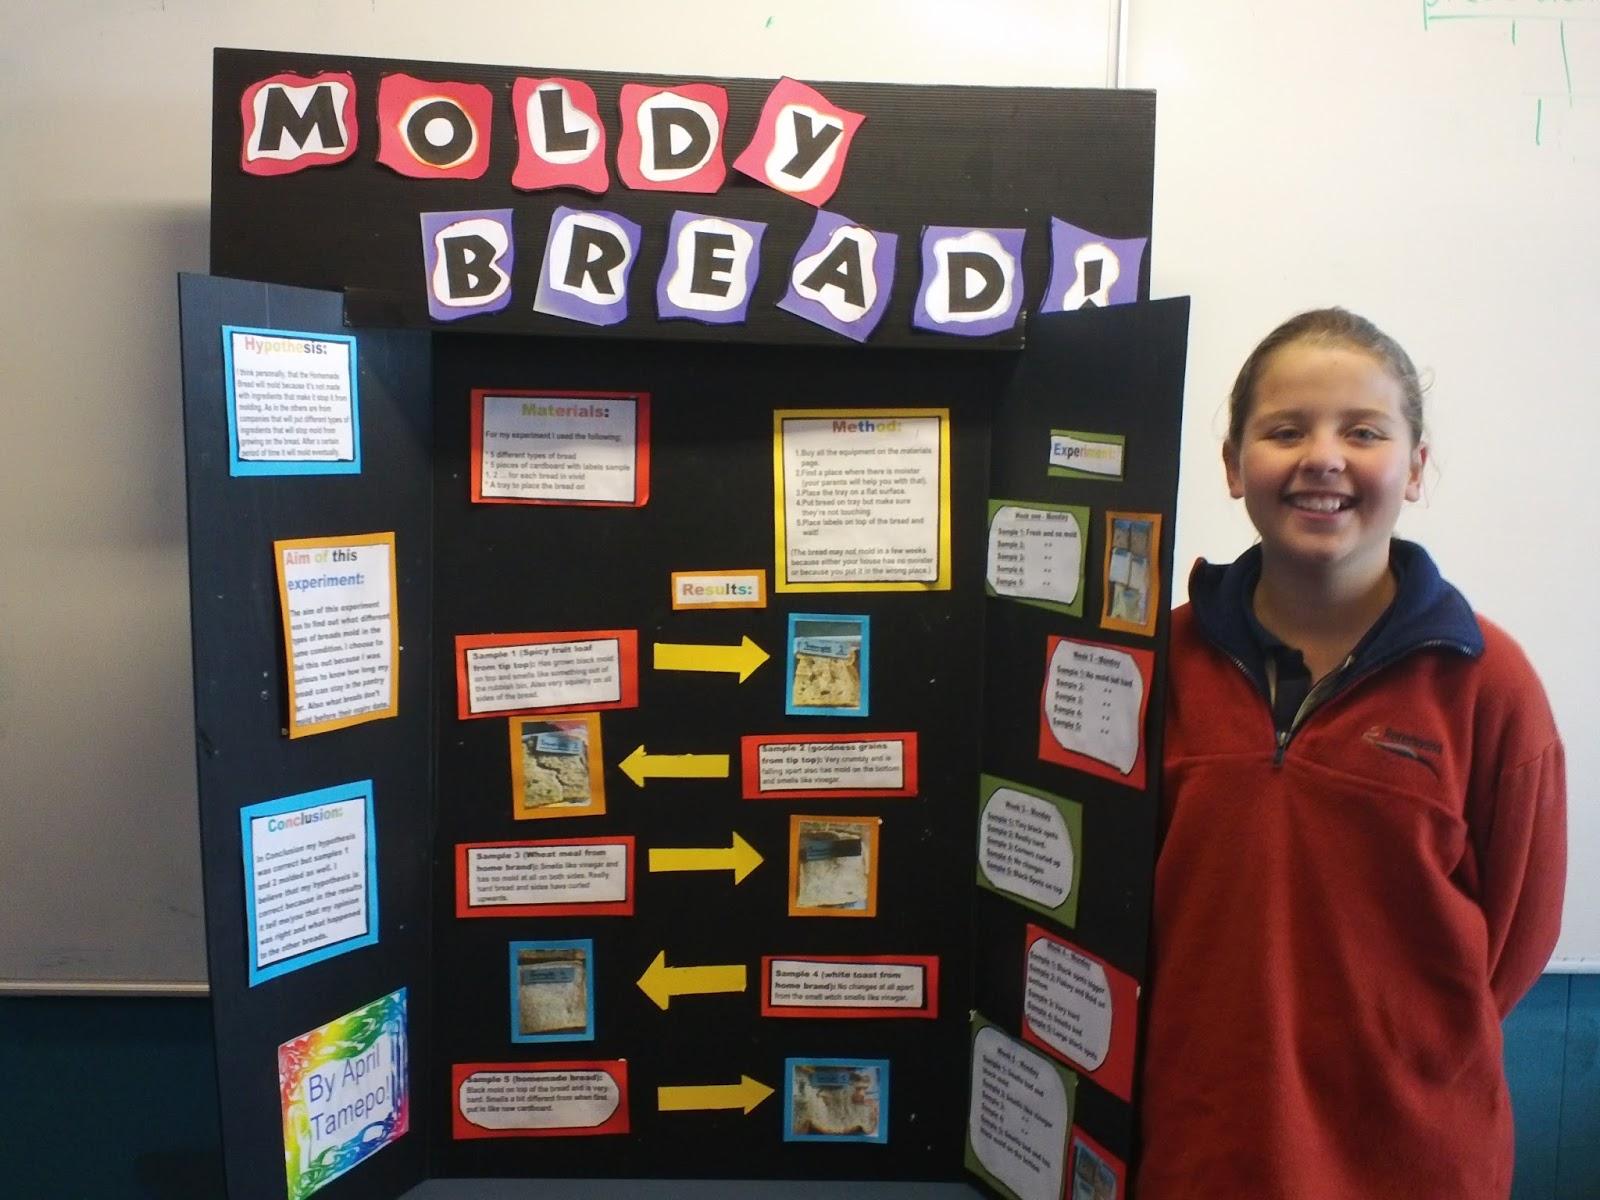 Moldy bread science fair project